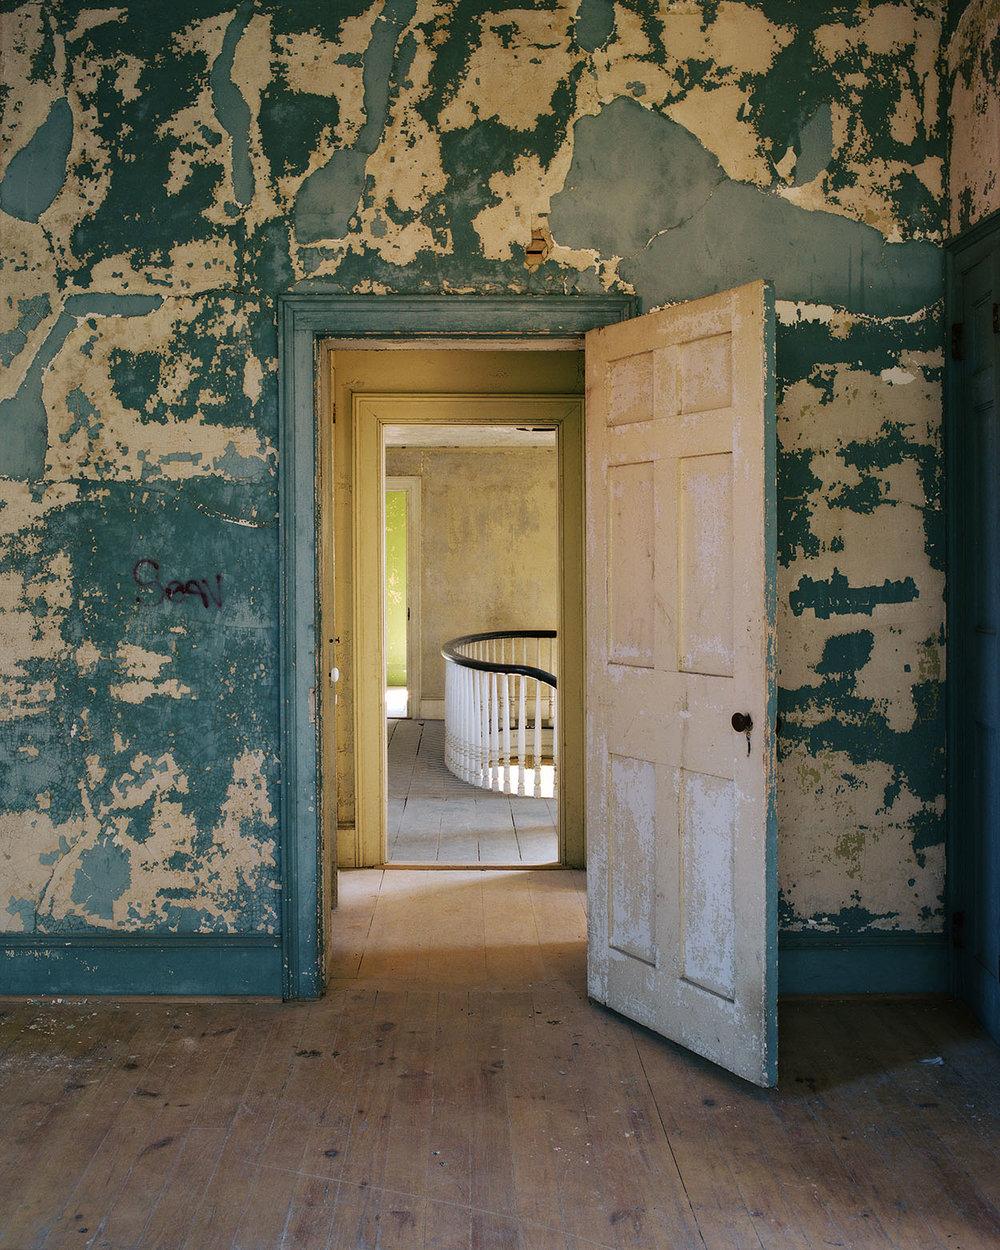 8_RearBedroom_OliverBronHouse.jpg